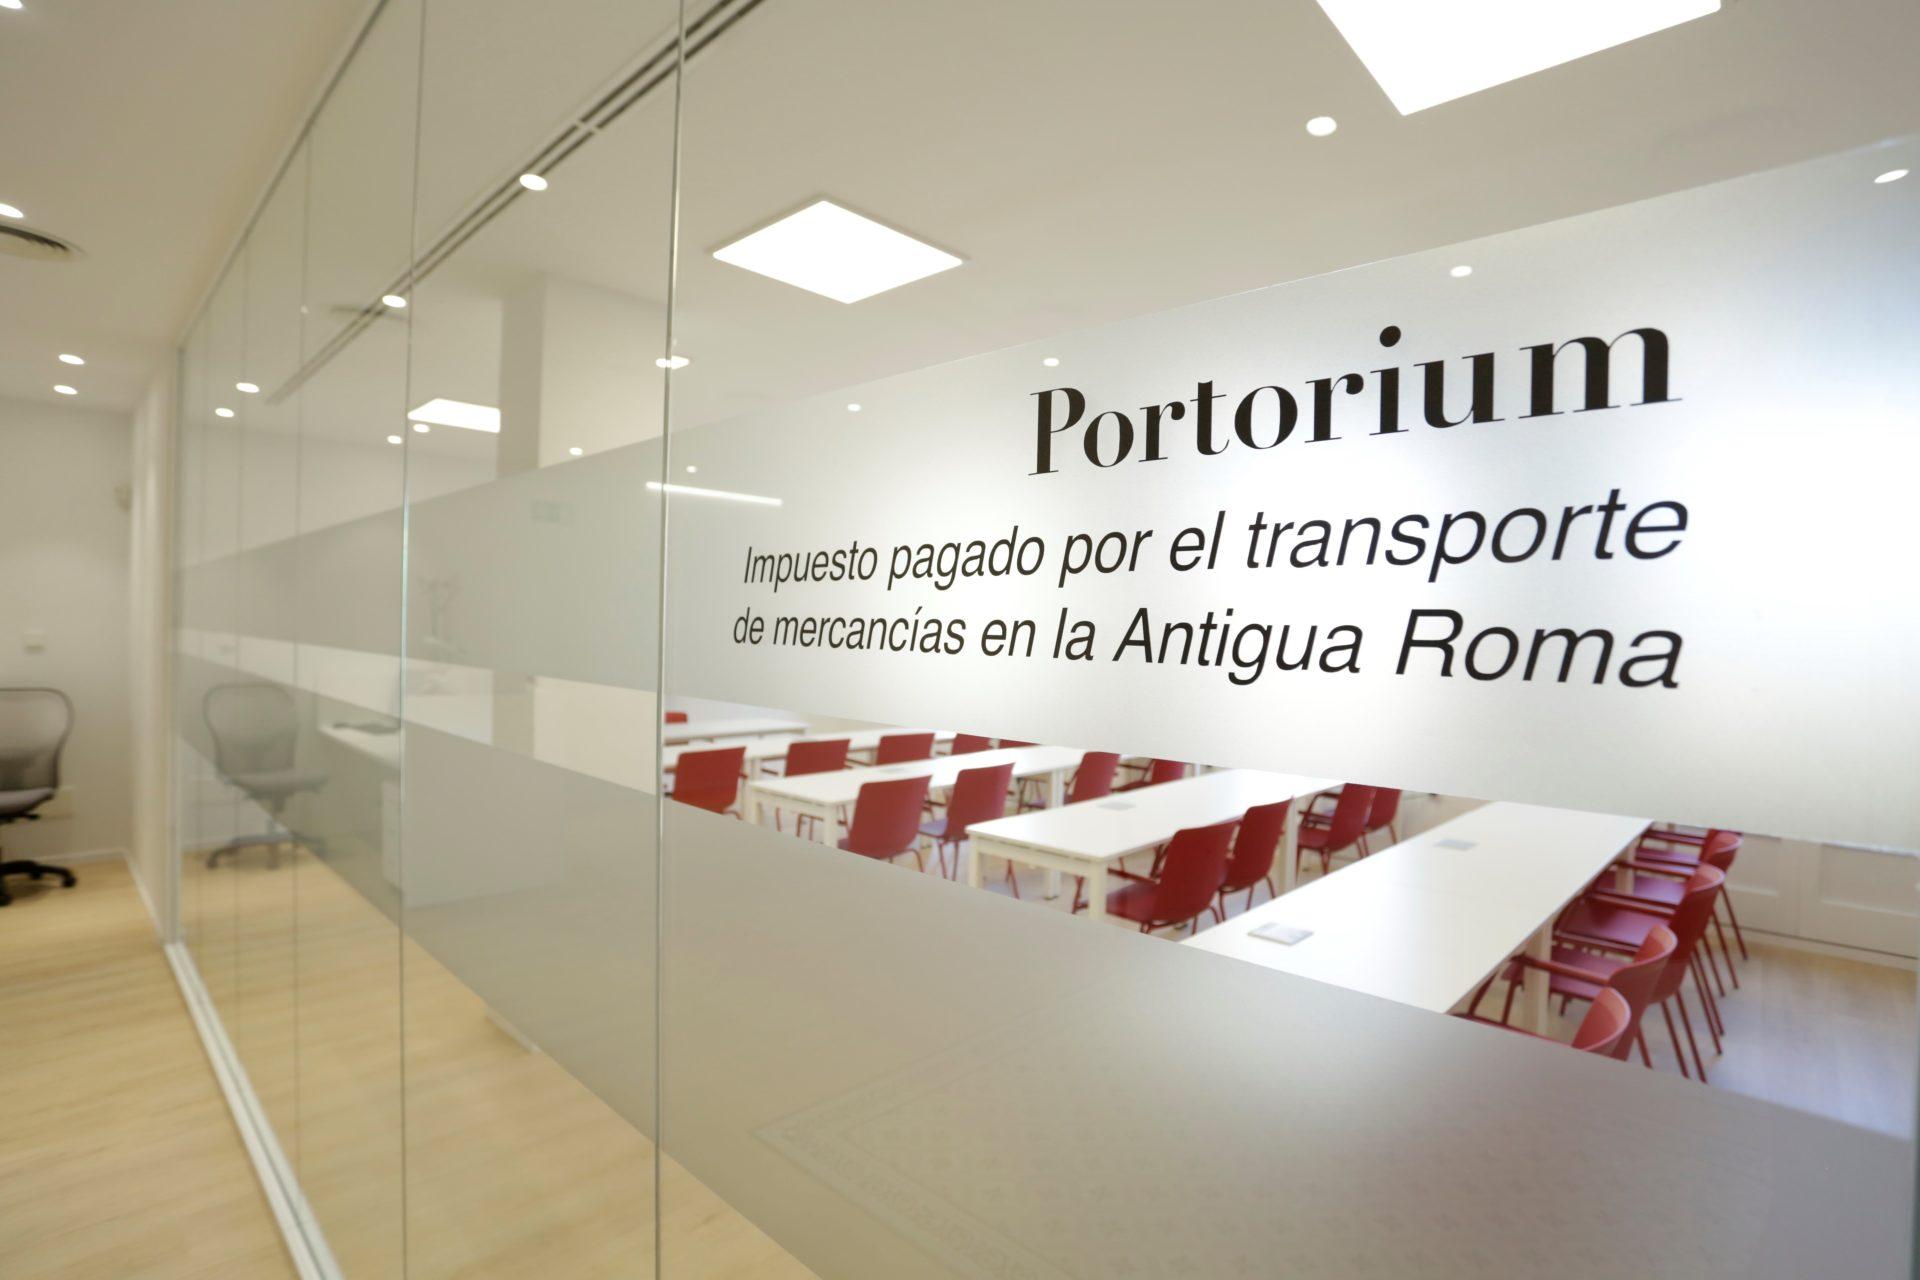 Academia aduanera Portorium